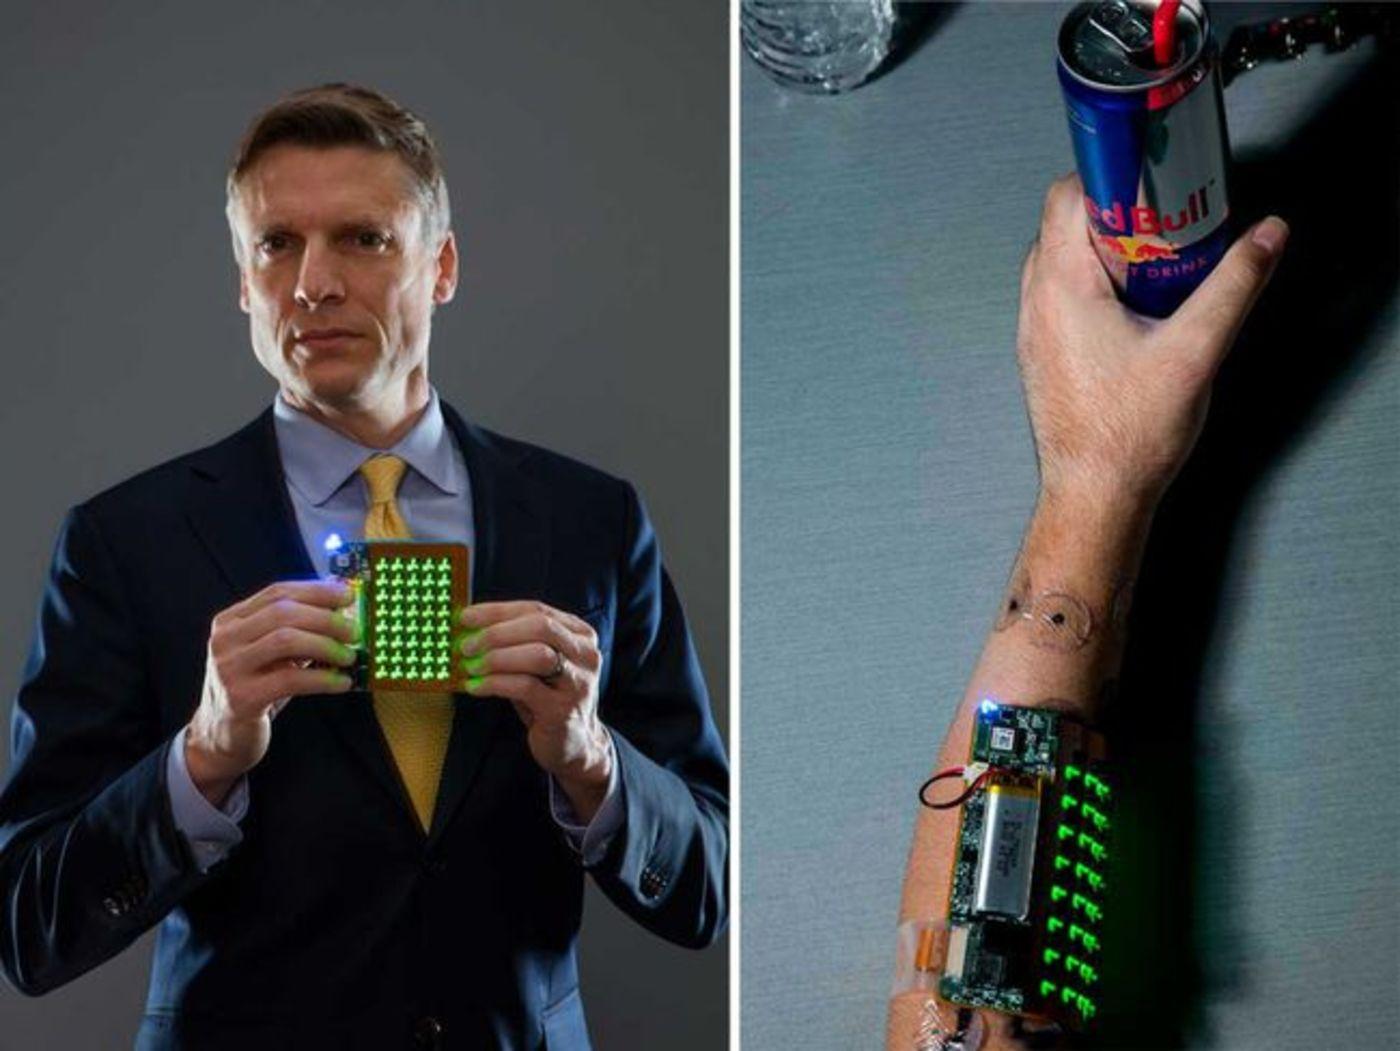 图|Bouton 和团队的发明(来源:IEEE Spectrum)